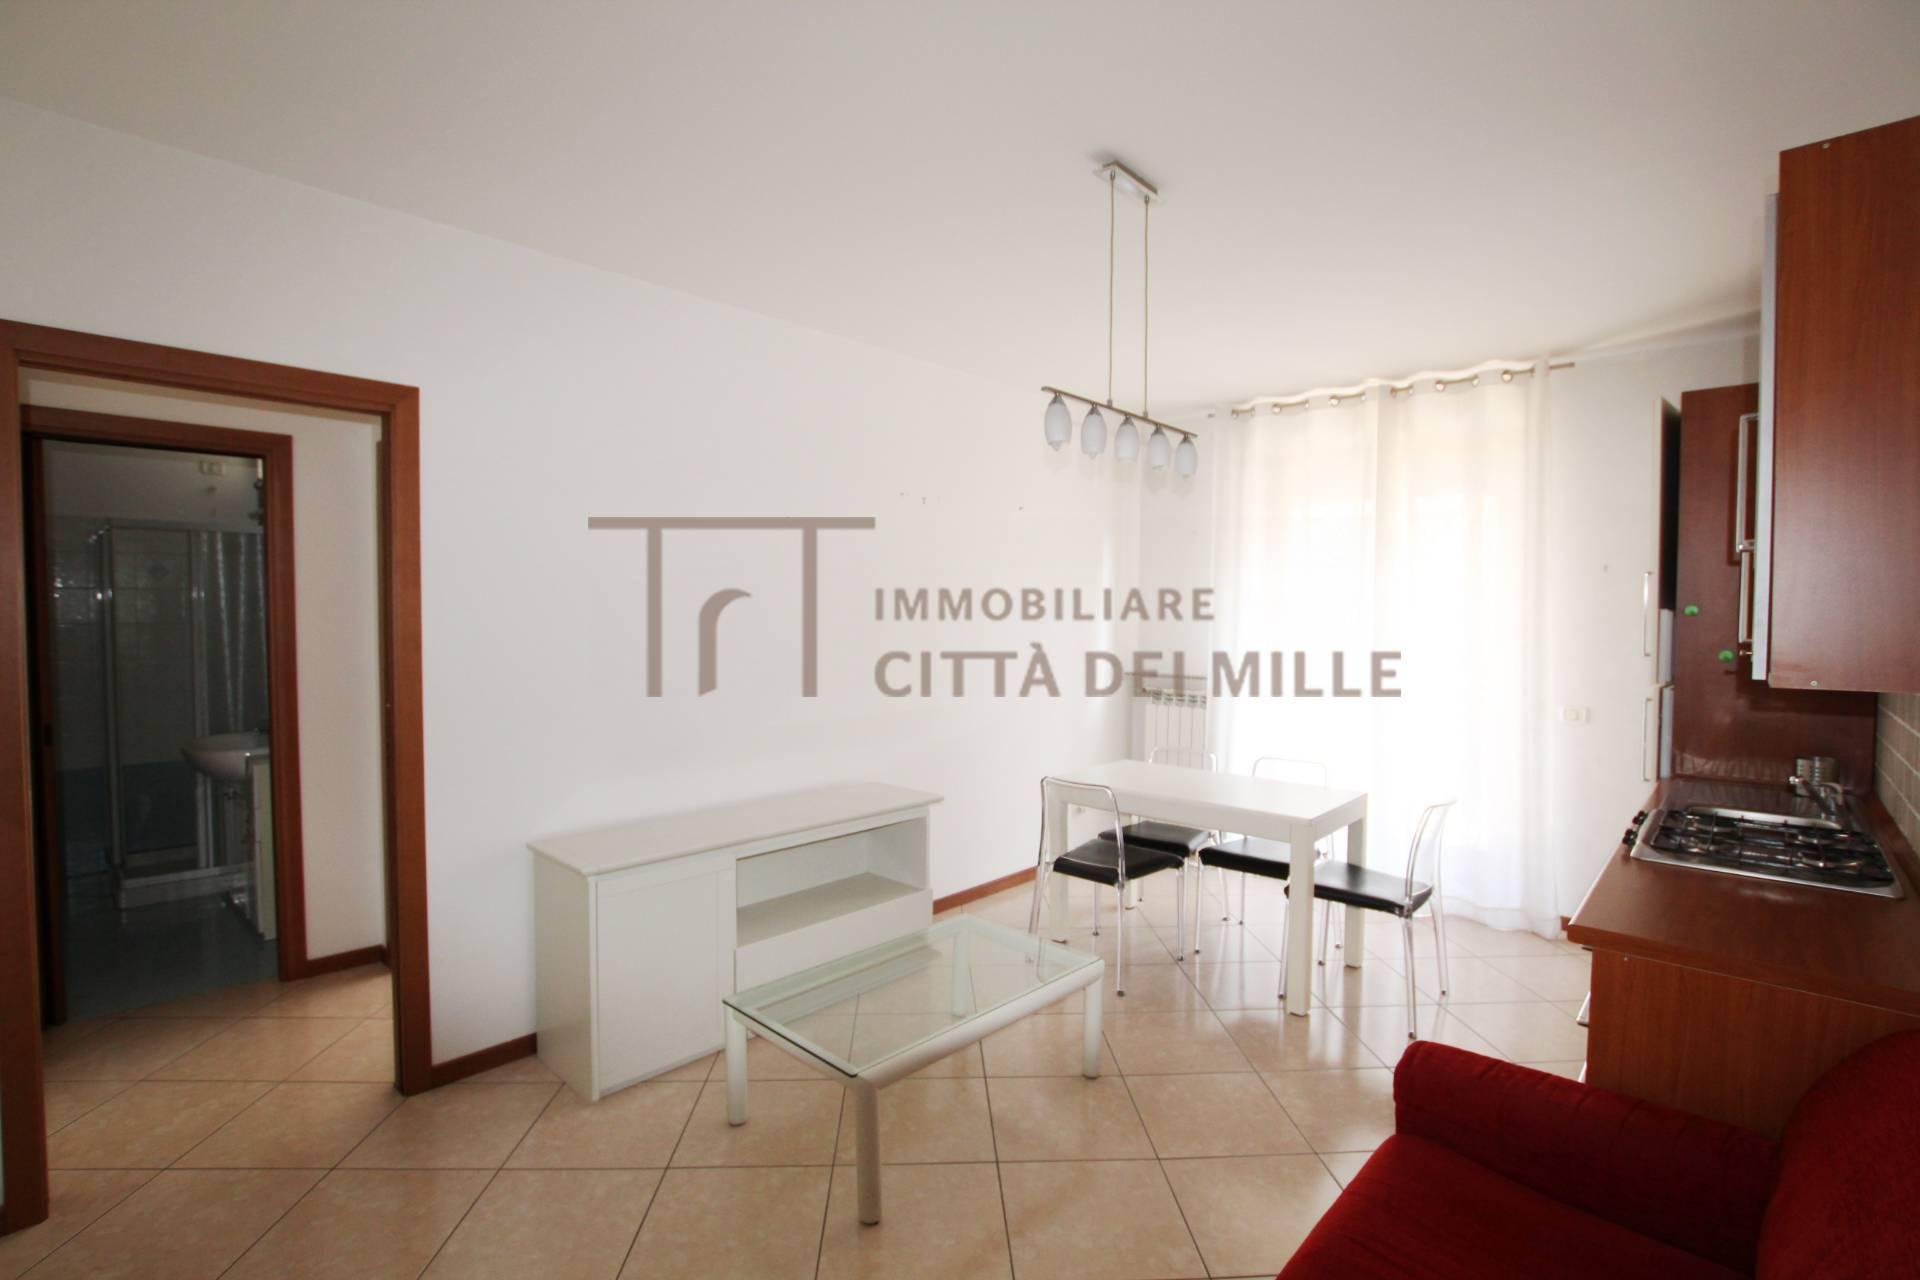 Appartamento in vendita Redona-Via Filippo Corridoni Bergamo